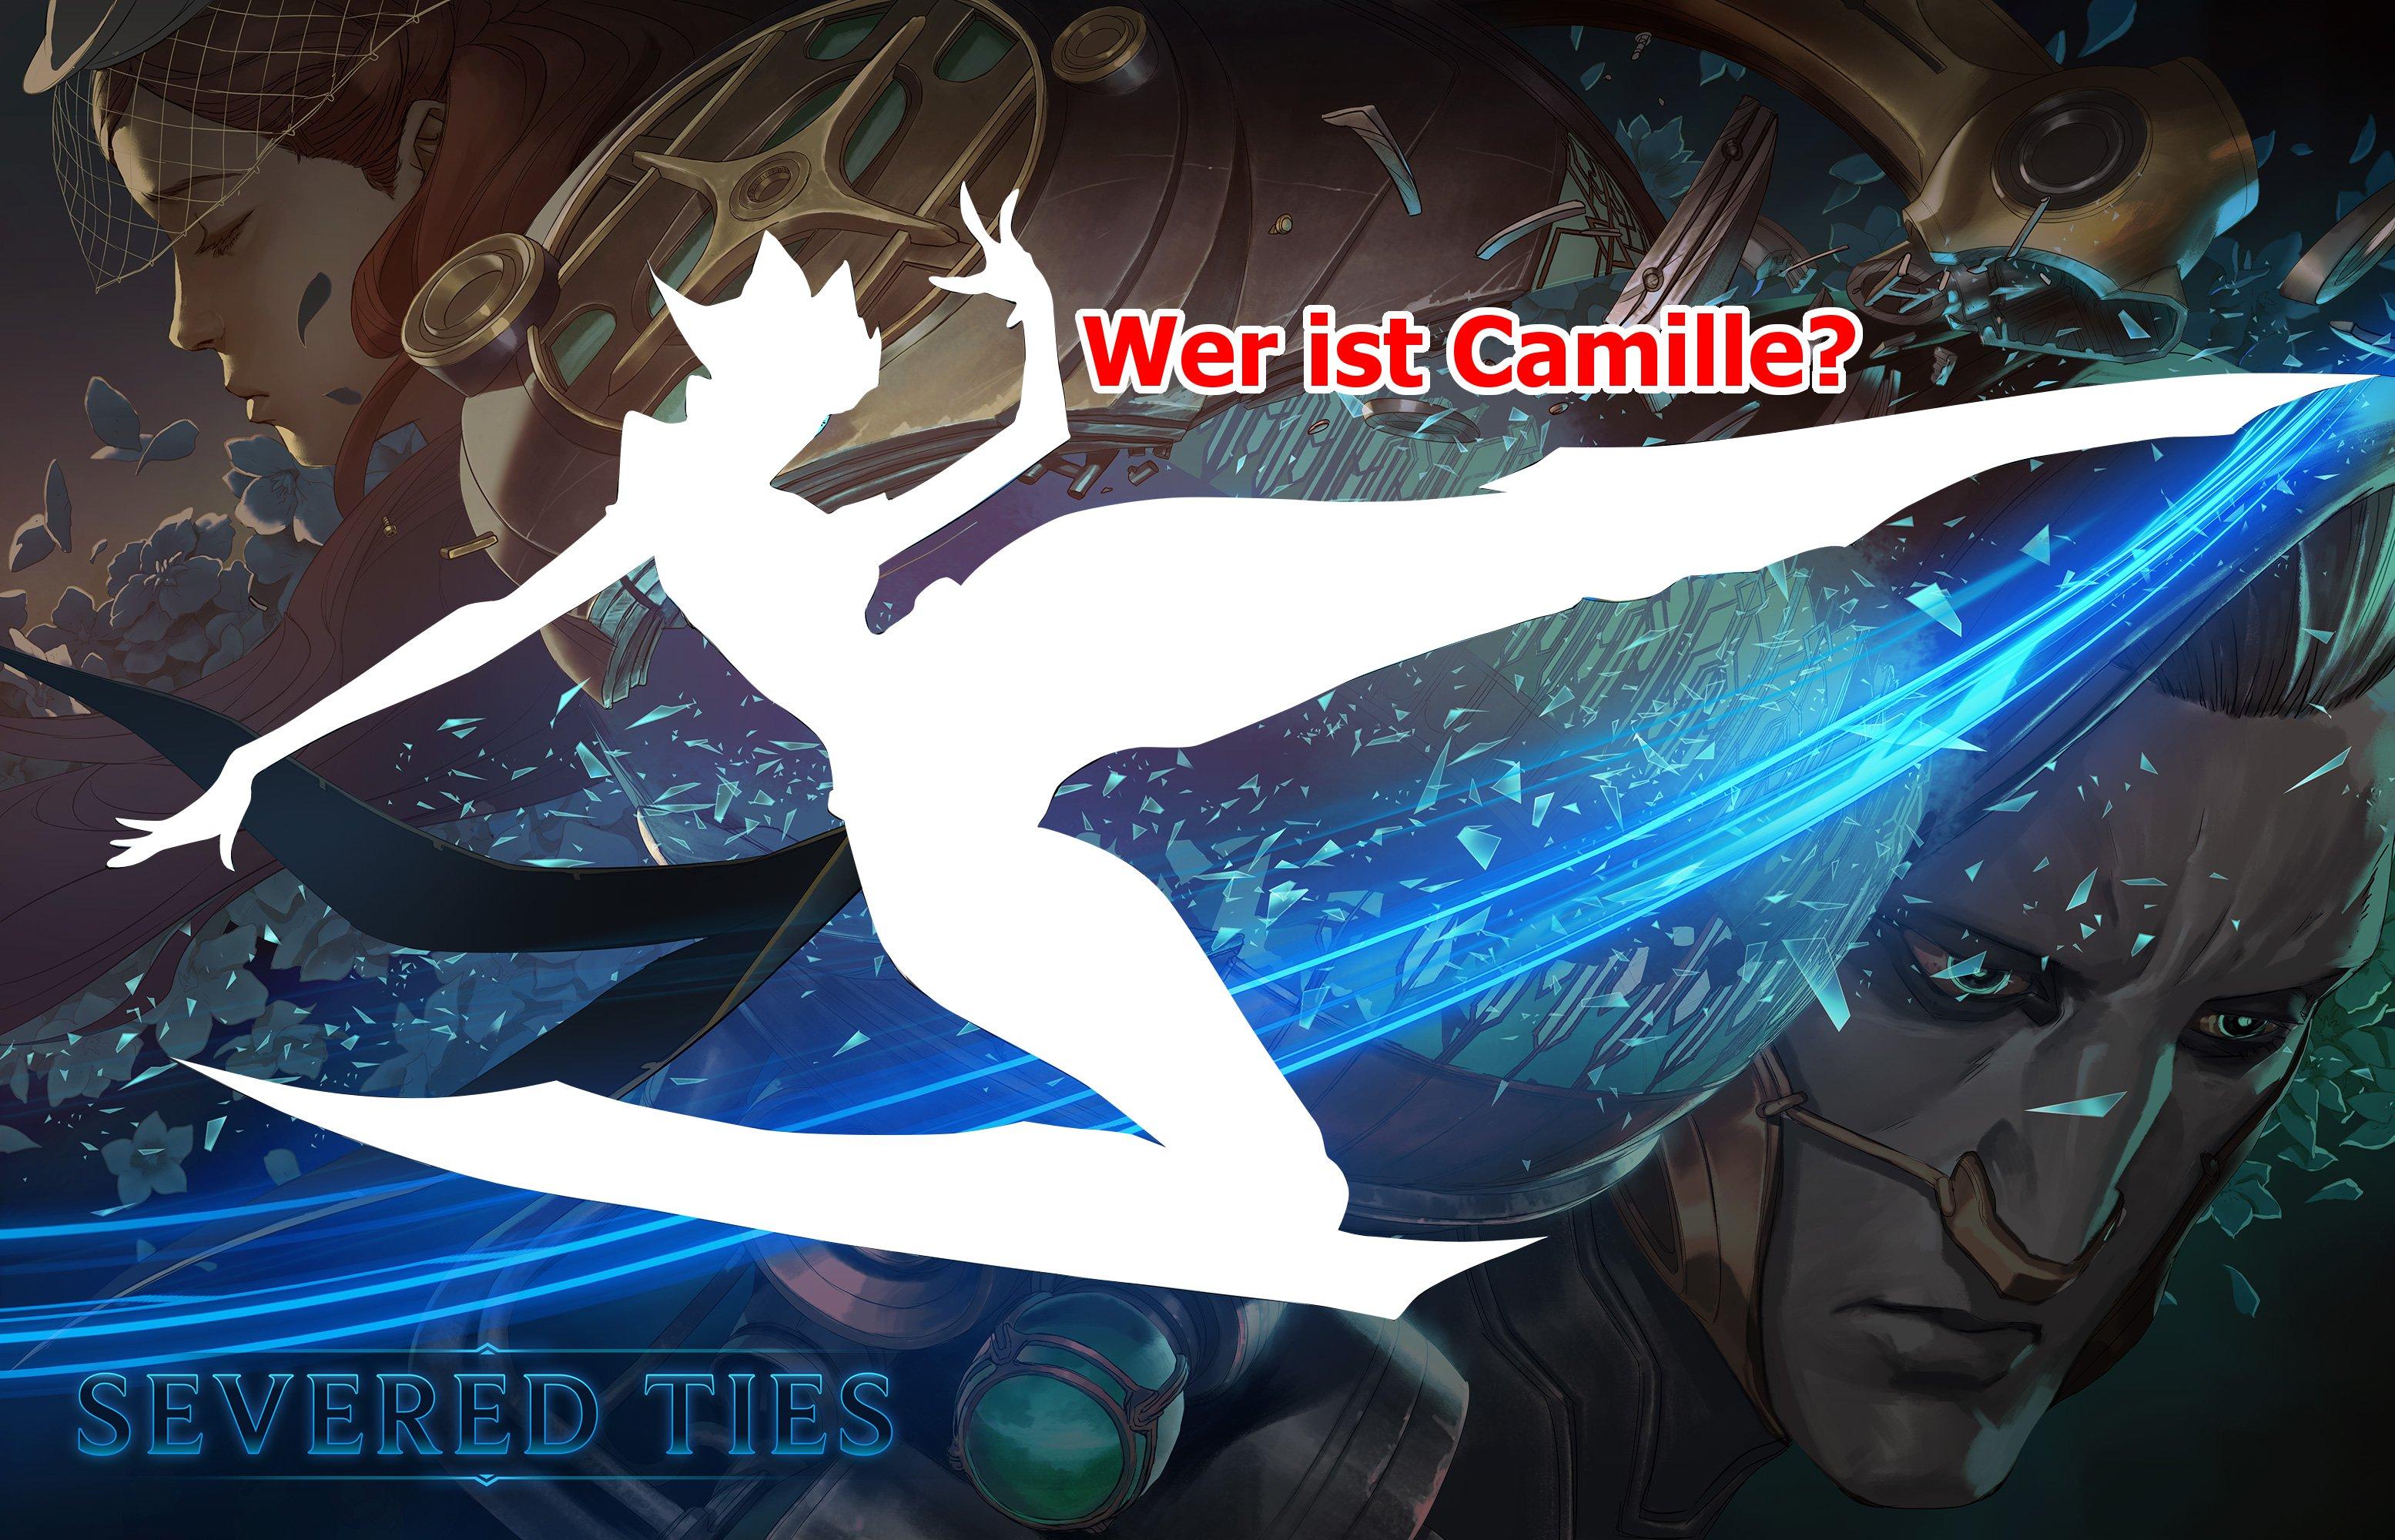 LoL Neue Heldin Camille sieht aus wie diese Kino-Killerin